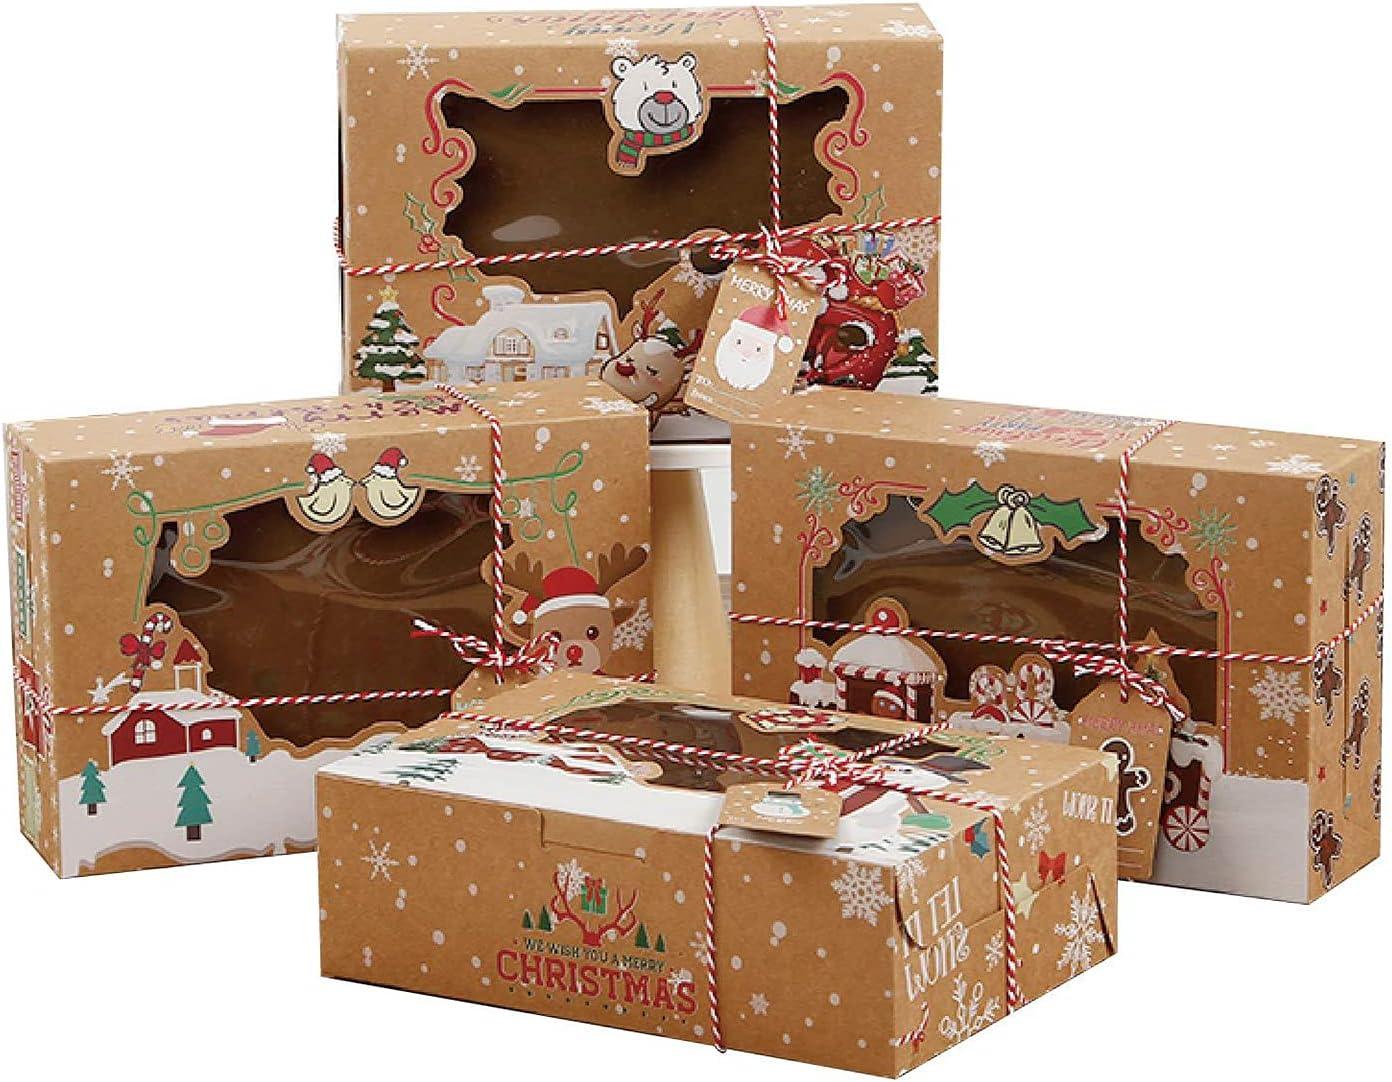 4pcs cajas de galletas de Navidad,cajas de torta de Navidad cajas de regalo,Cajas De Galletas Con Ventana con Ventana Etiquetas,para Cupcakes/galletas/Macarons,como regalo para Navidad (22x15x7 cm)